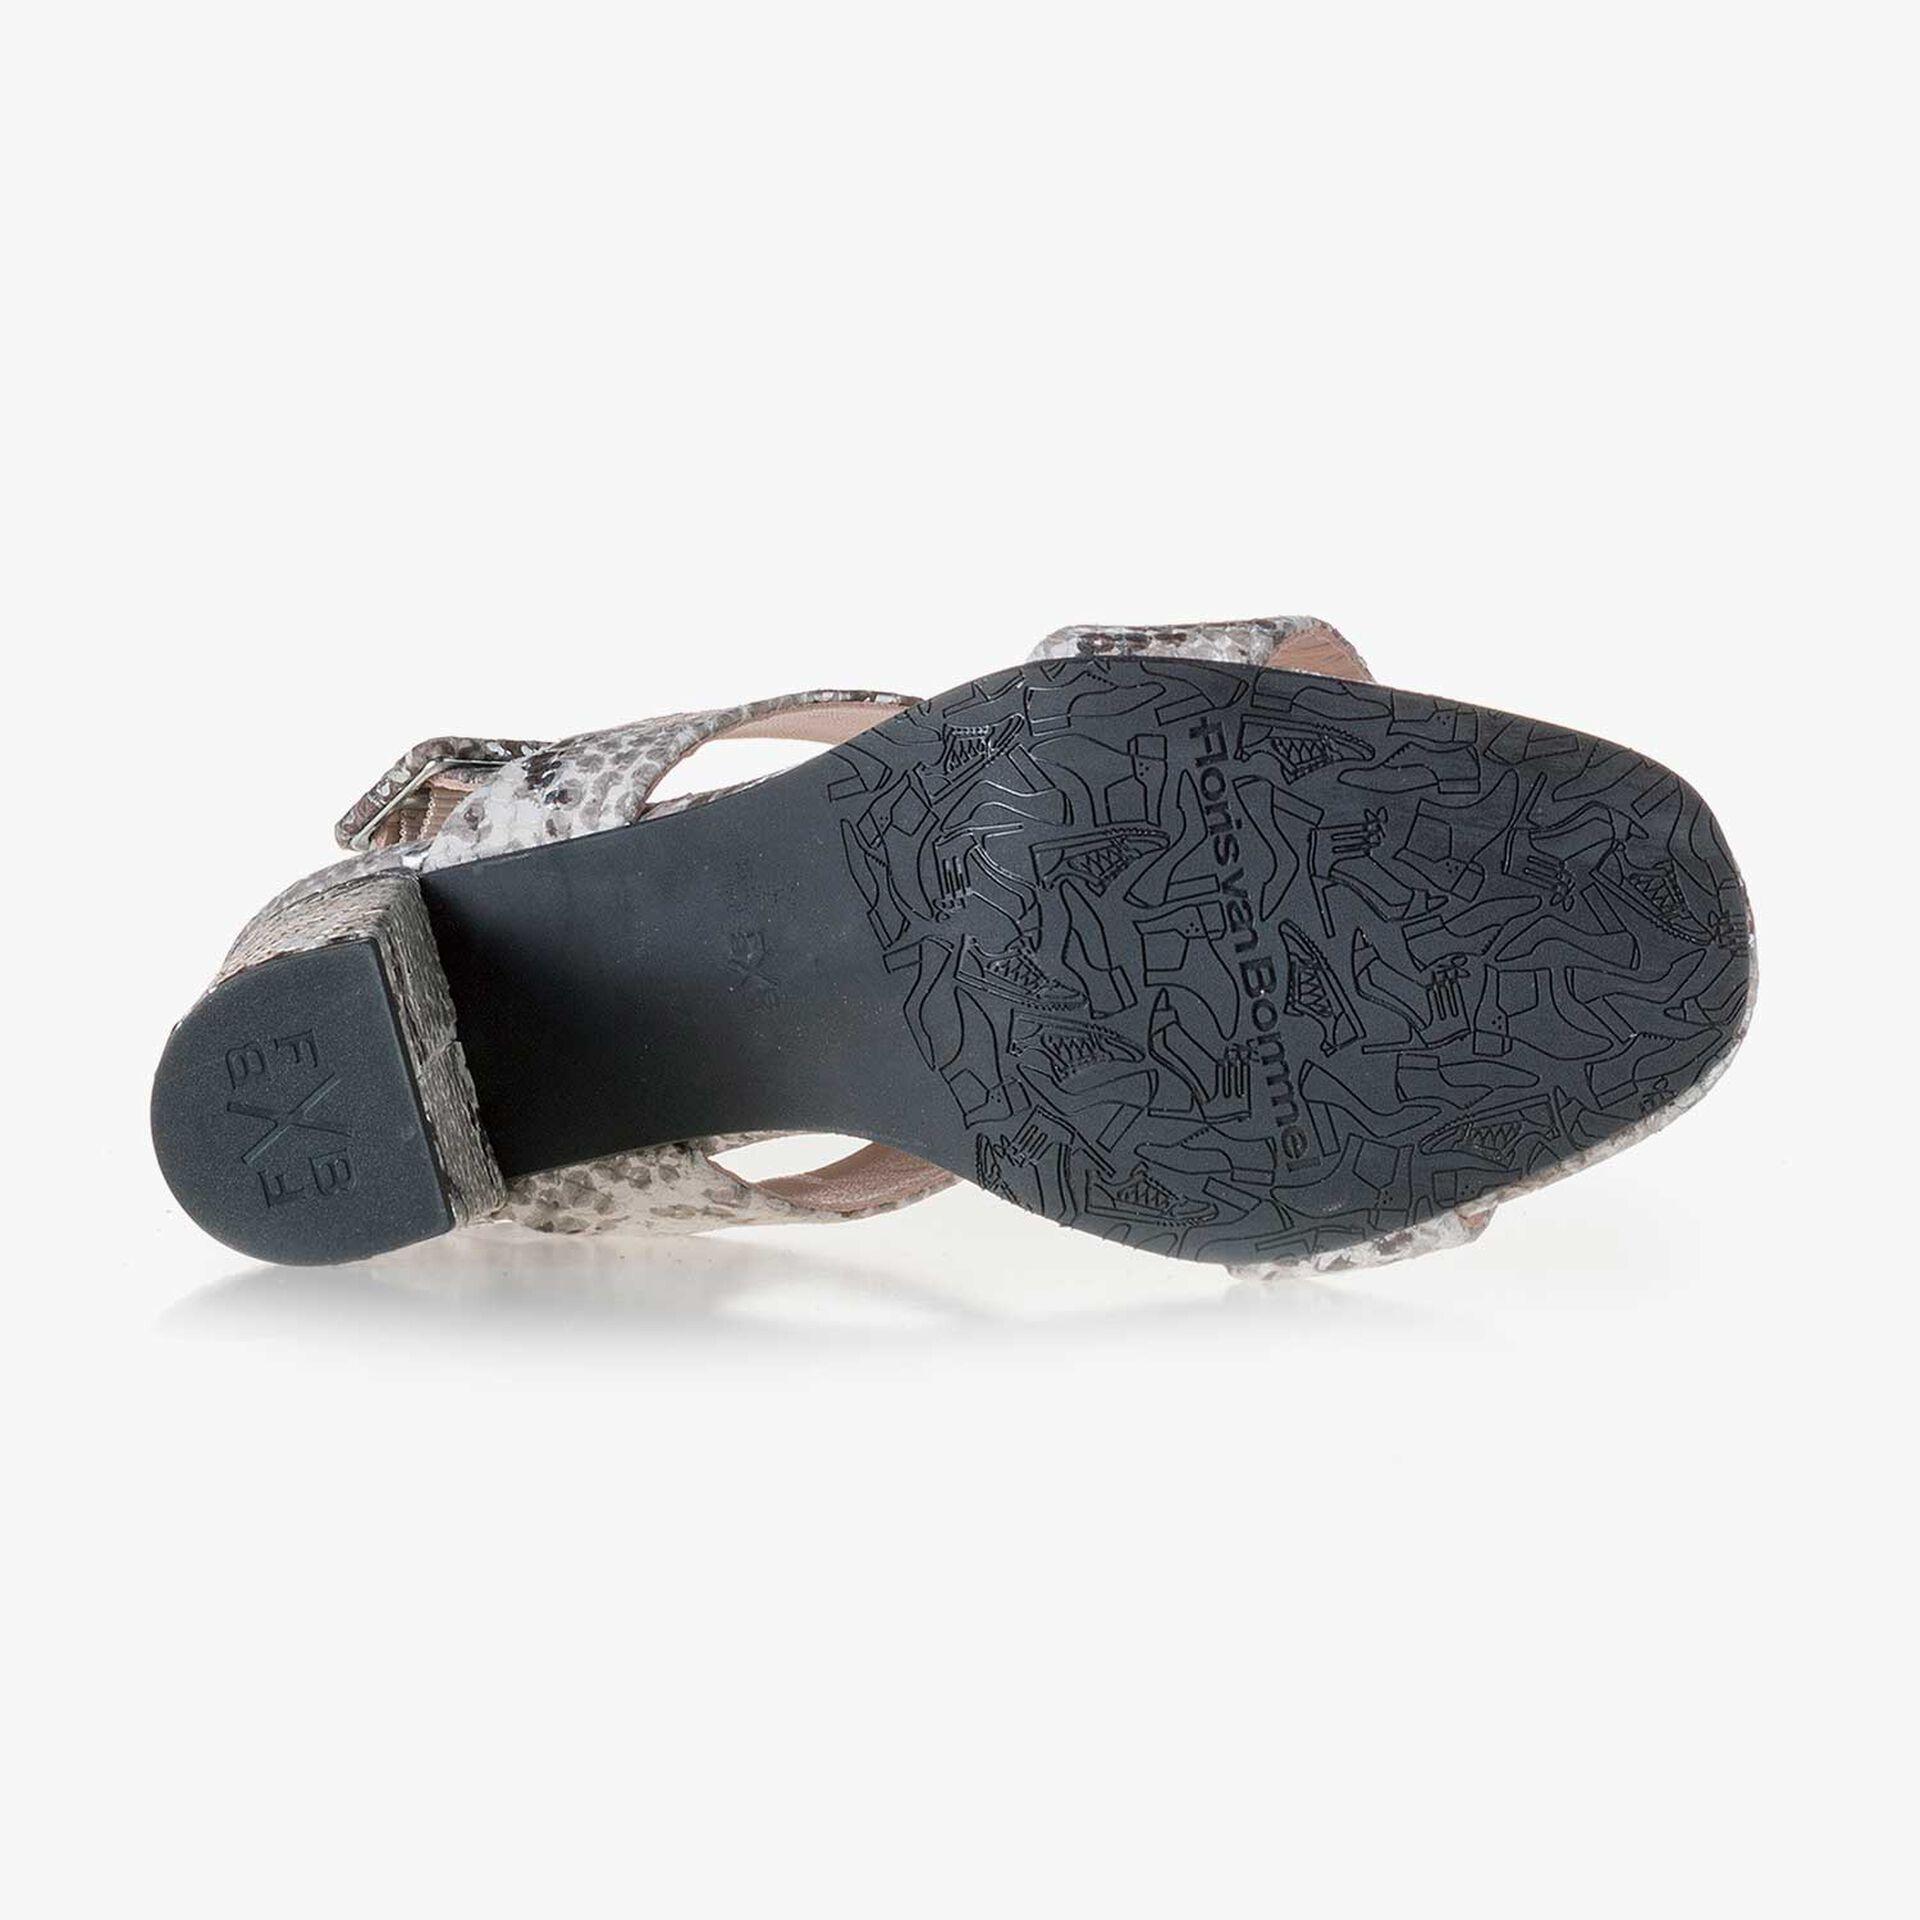 Taupefarbene Leder Sandale mit Schlangenprint